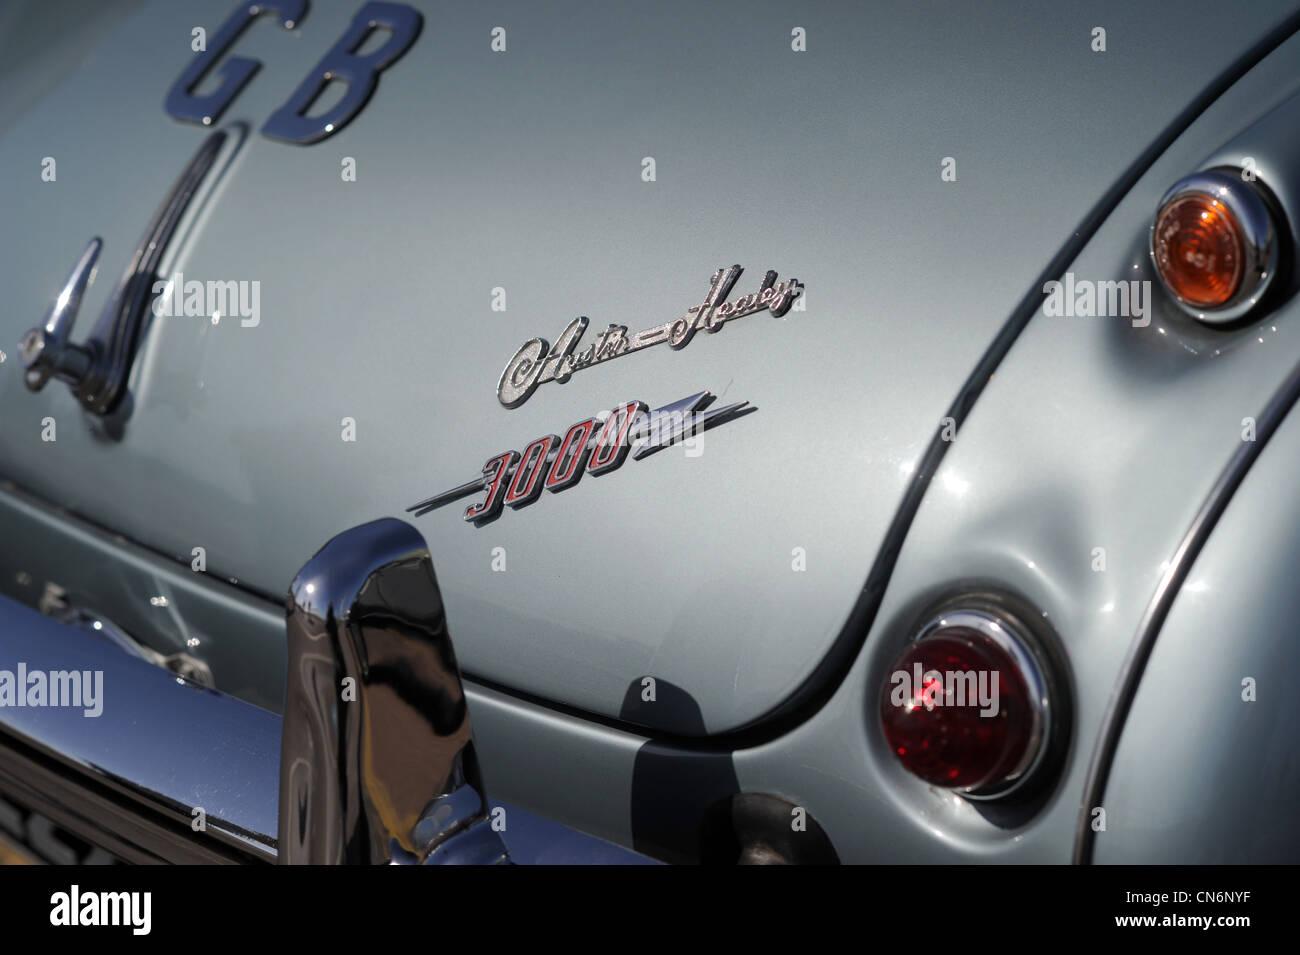 Austin Healey 3000 Auto chrom Stoßfänger hinten sehen. Stockbild